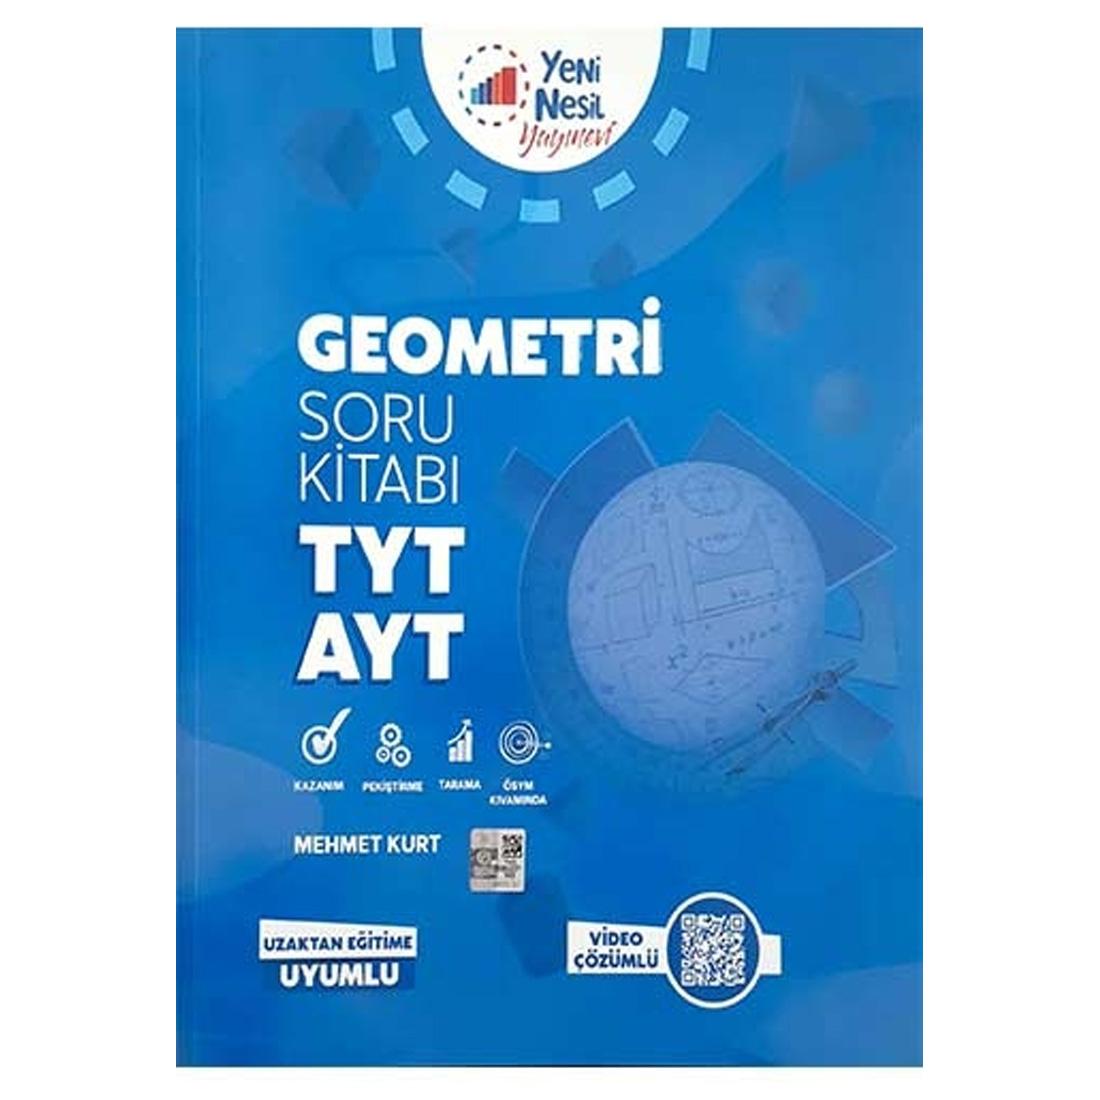 Tyt-Ayt Geometri Soru Kitabı Video Çözümlü Yeni Nesil Yayıncılık